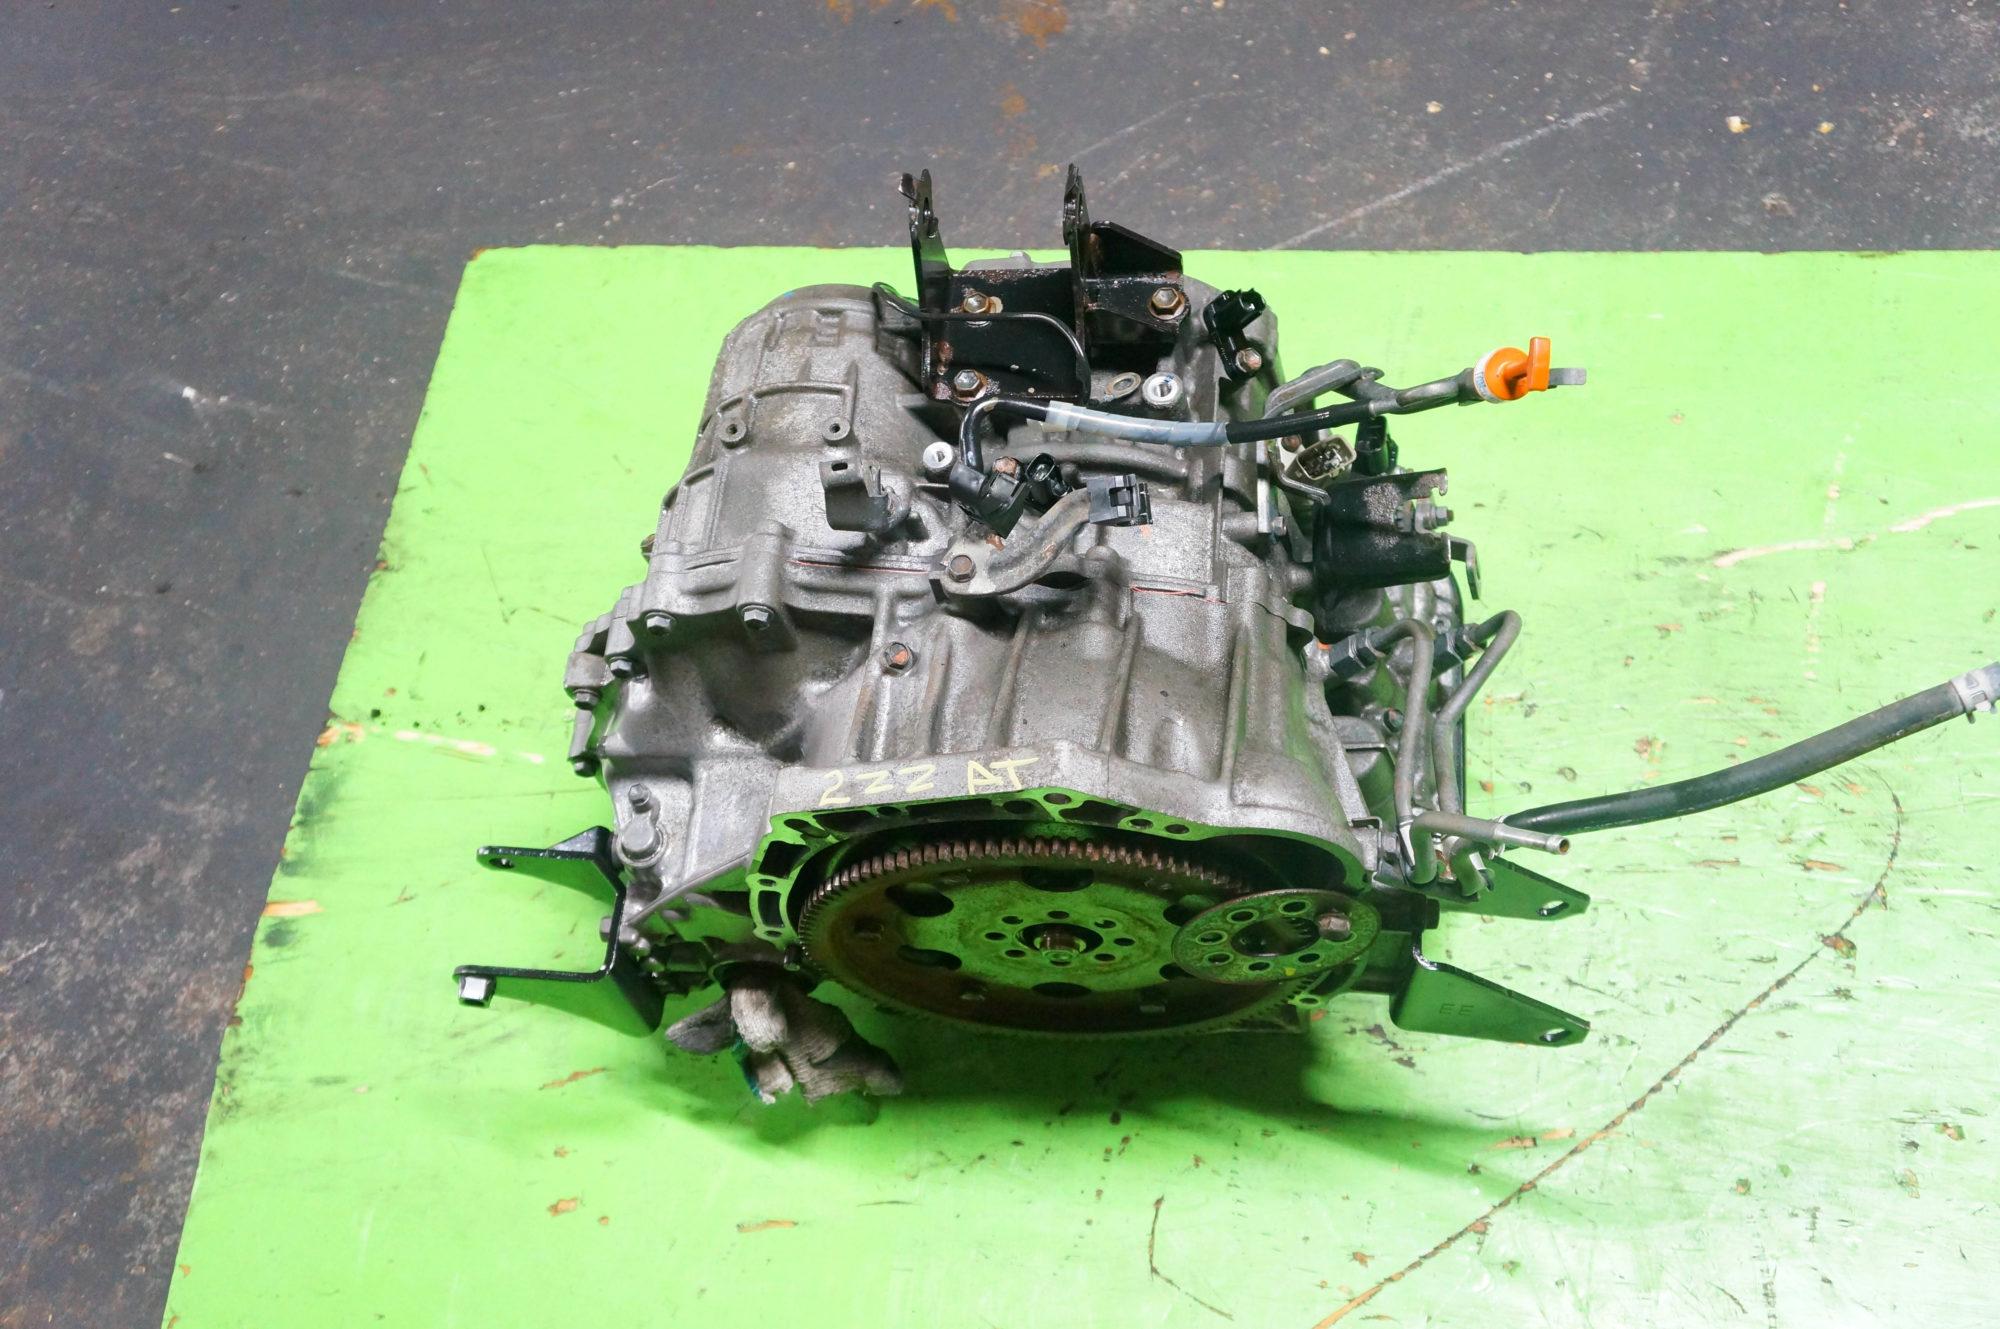 01-05 TOYOTA CELICA GT-S 2ZZ-GE AUTOMATIC TRANSMISSION VVTLi 1.8L JDM 2ZZ